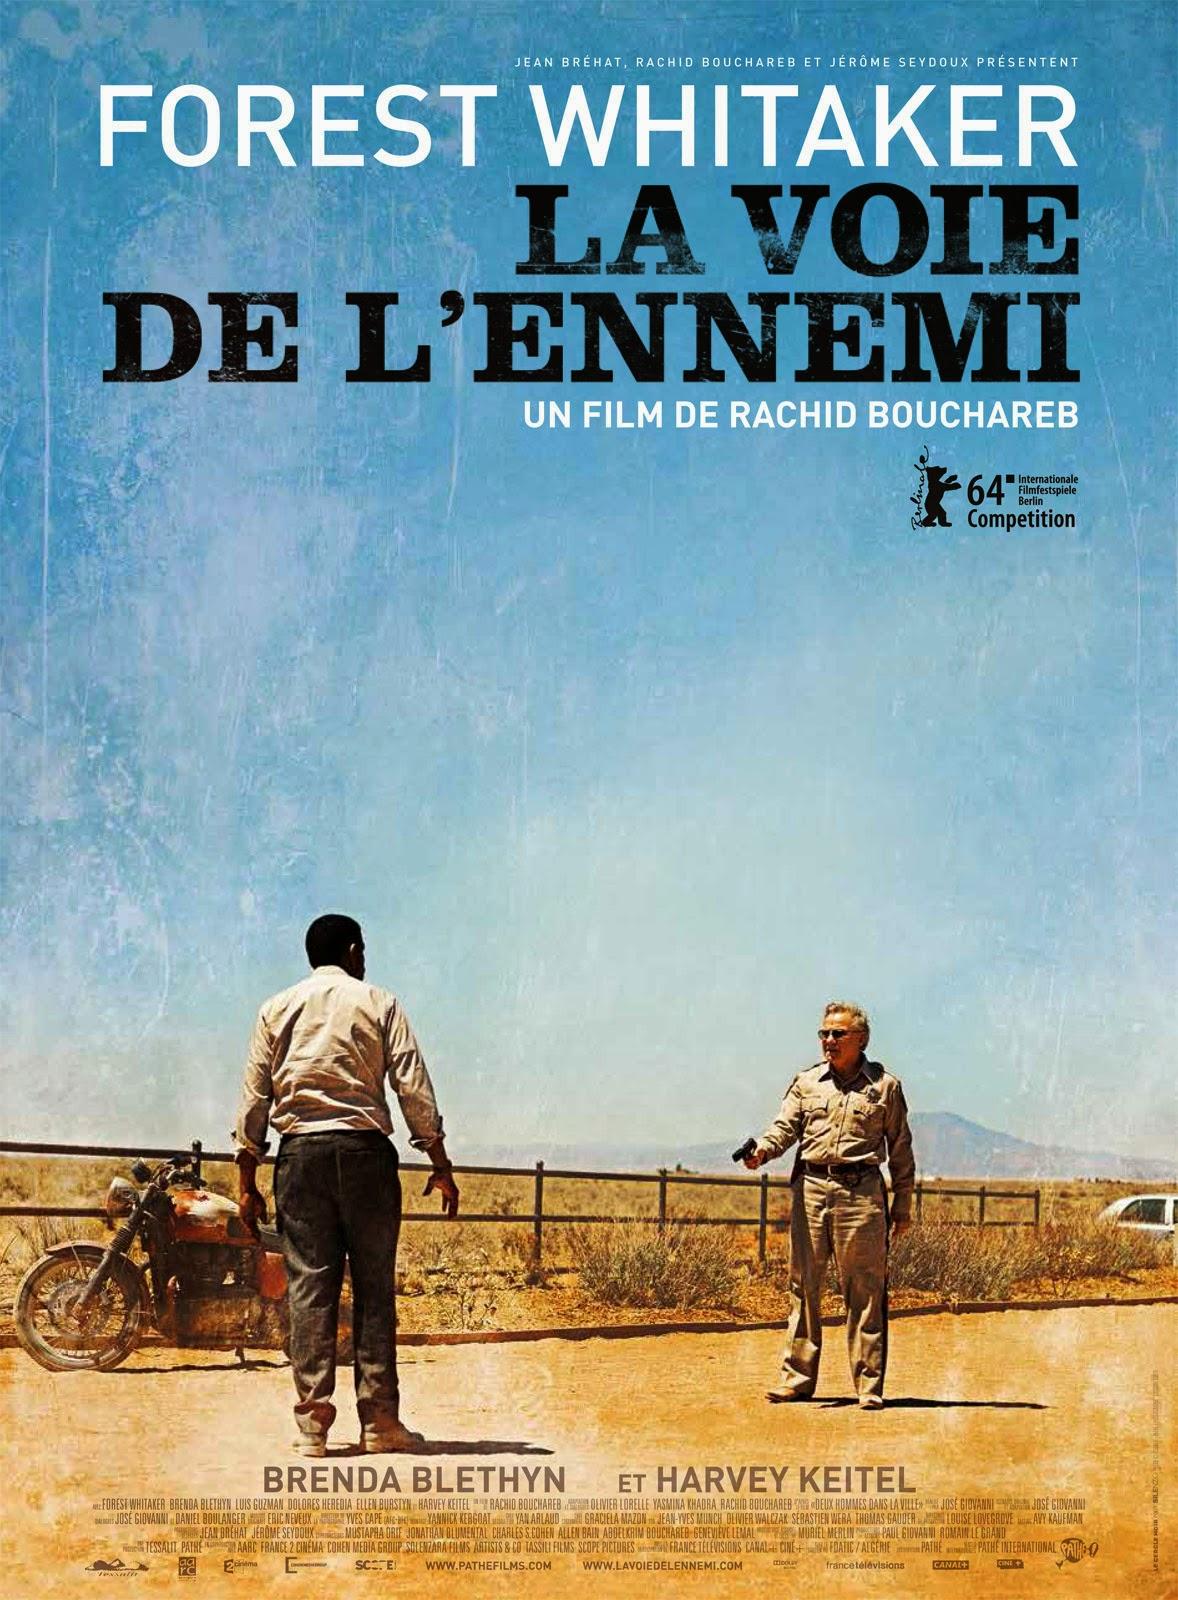 http://fuckingcinephiles.blogspot.fr/2014/05/critique-la-voie-de-lennemi.html